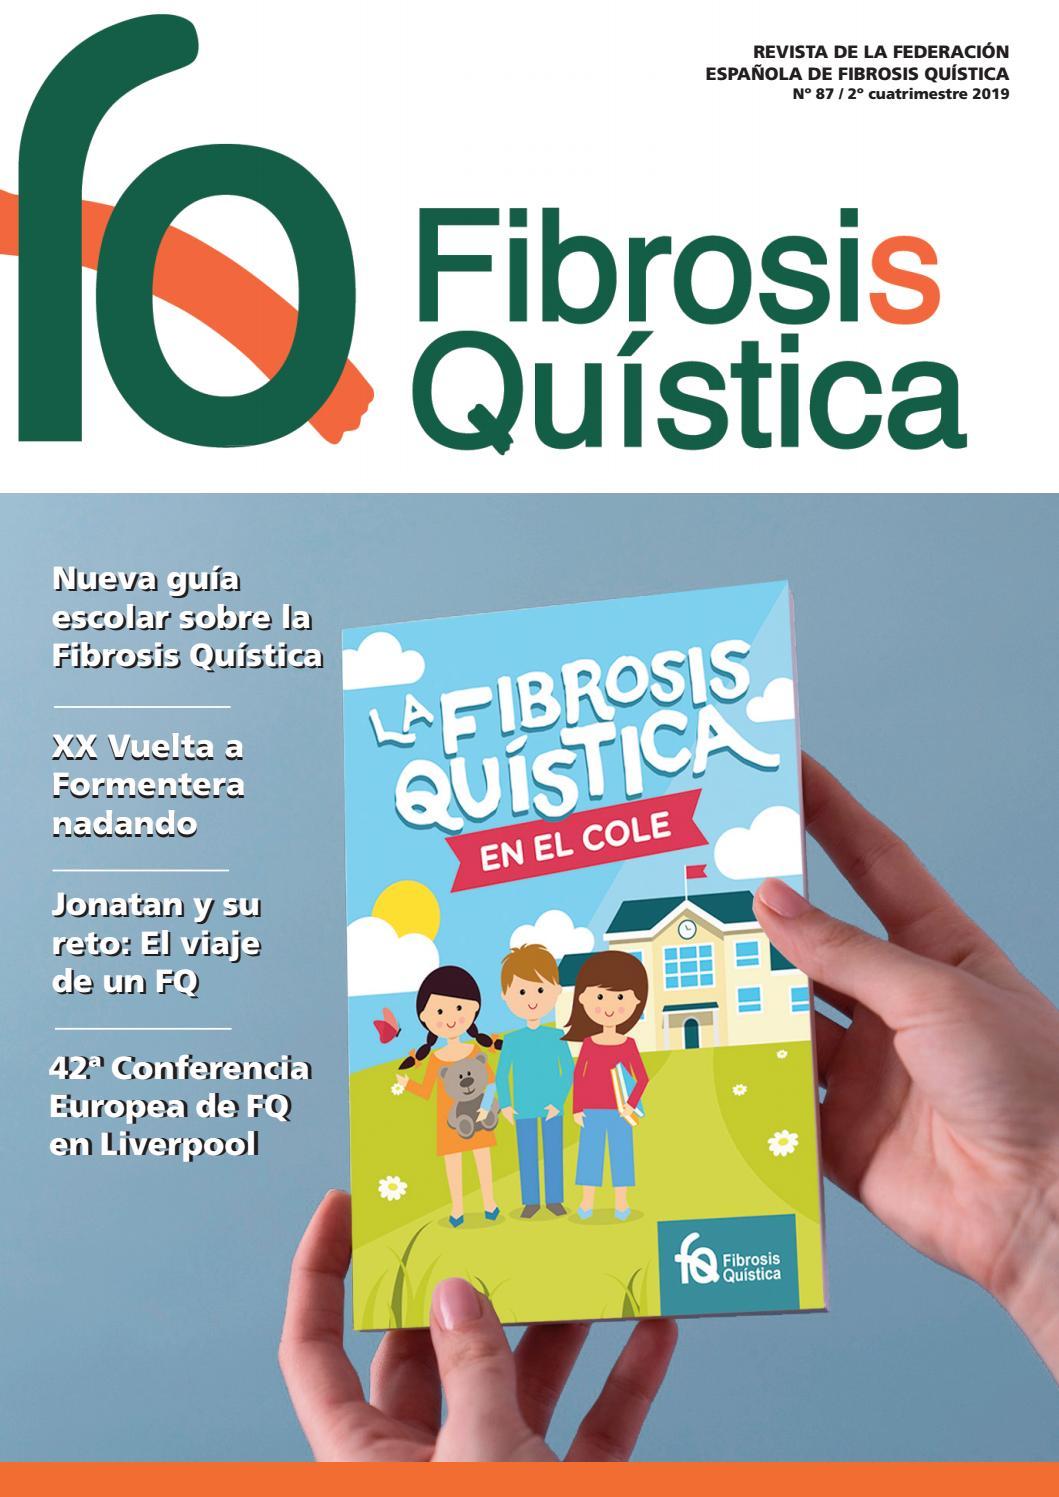 folletos contra el circo en diabetes